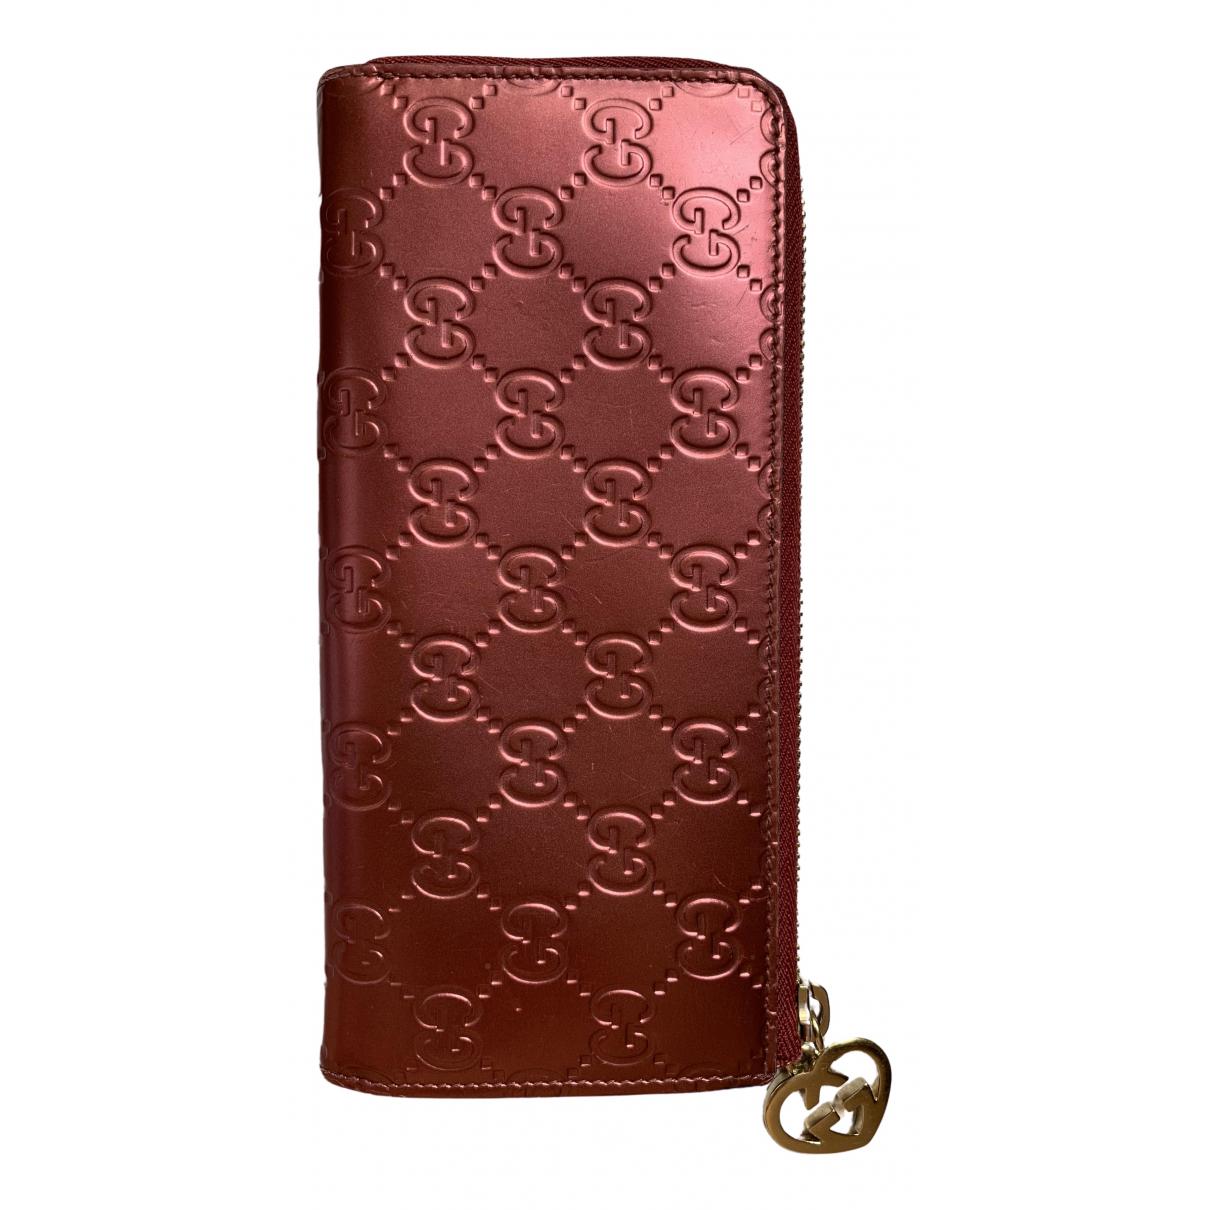 Gucci - Portefeuille Continental pour femme en cuir verni - bordeaux